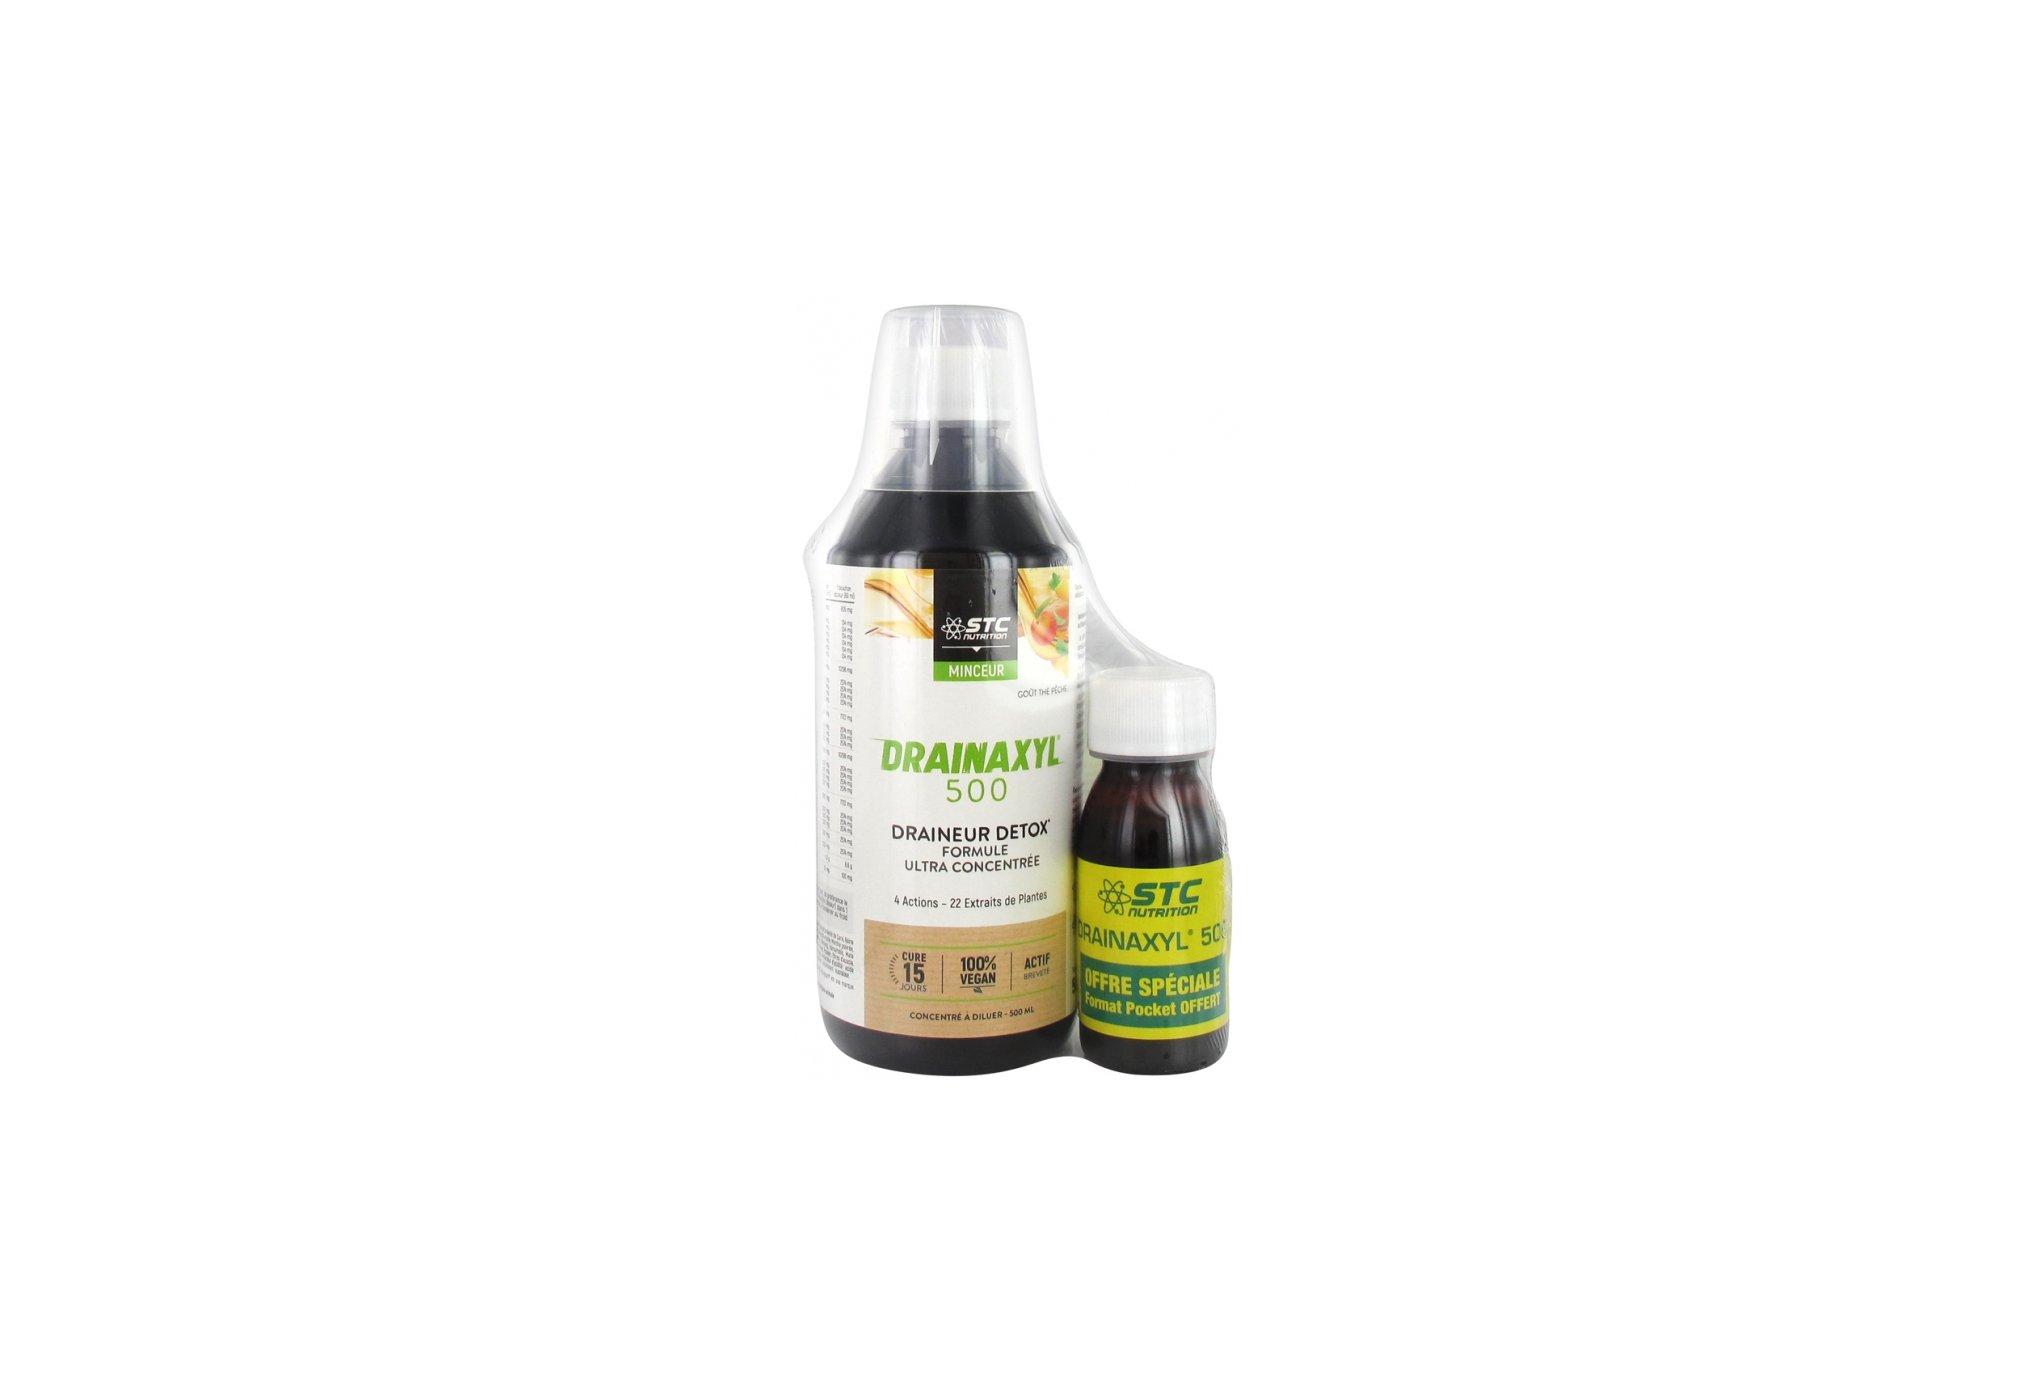 STC Nutrition Drainaxyl 500 Thé pêche + format pocket offert Diététique Compléments